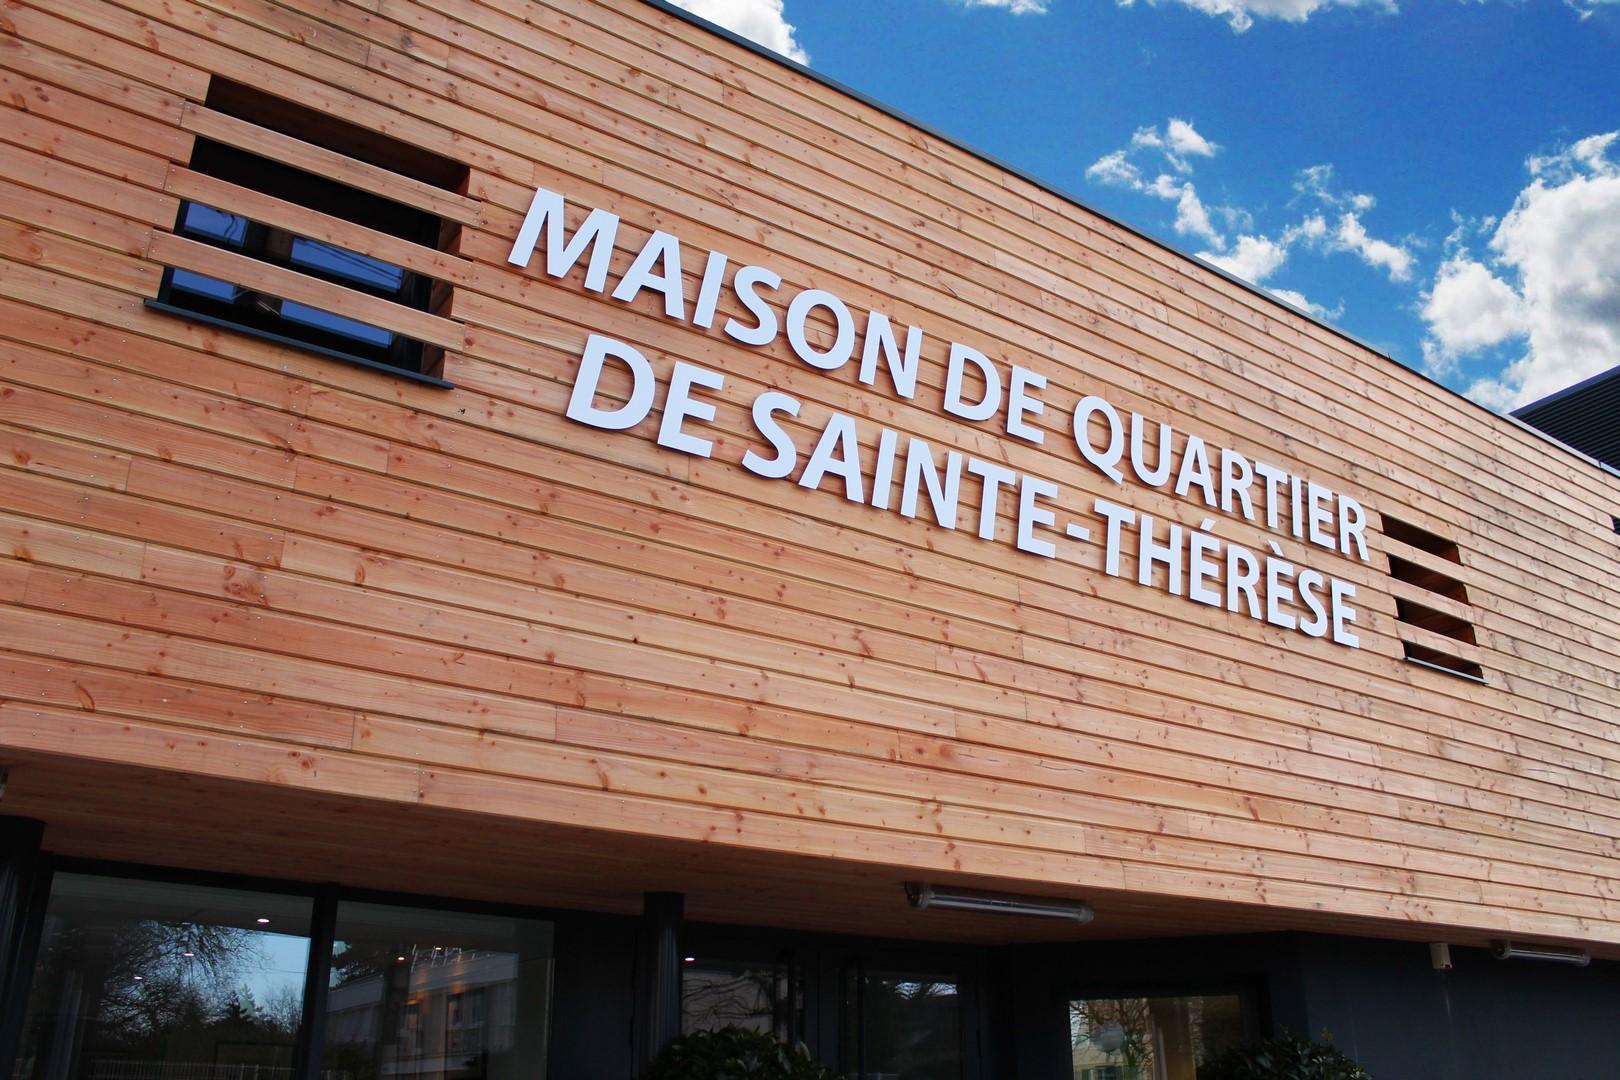 Maison de quartier de Sainte-Thérèse